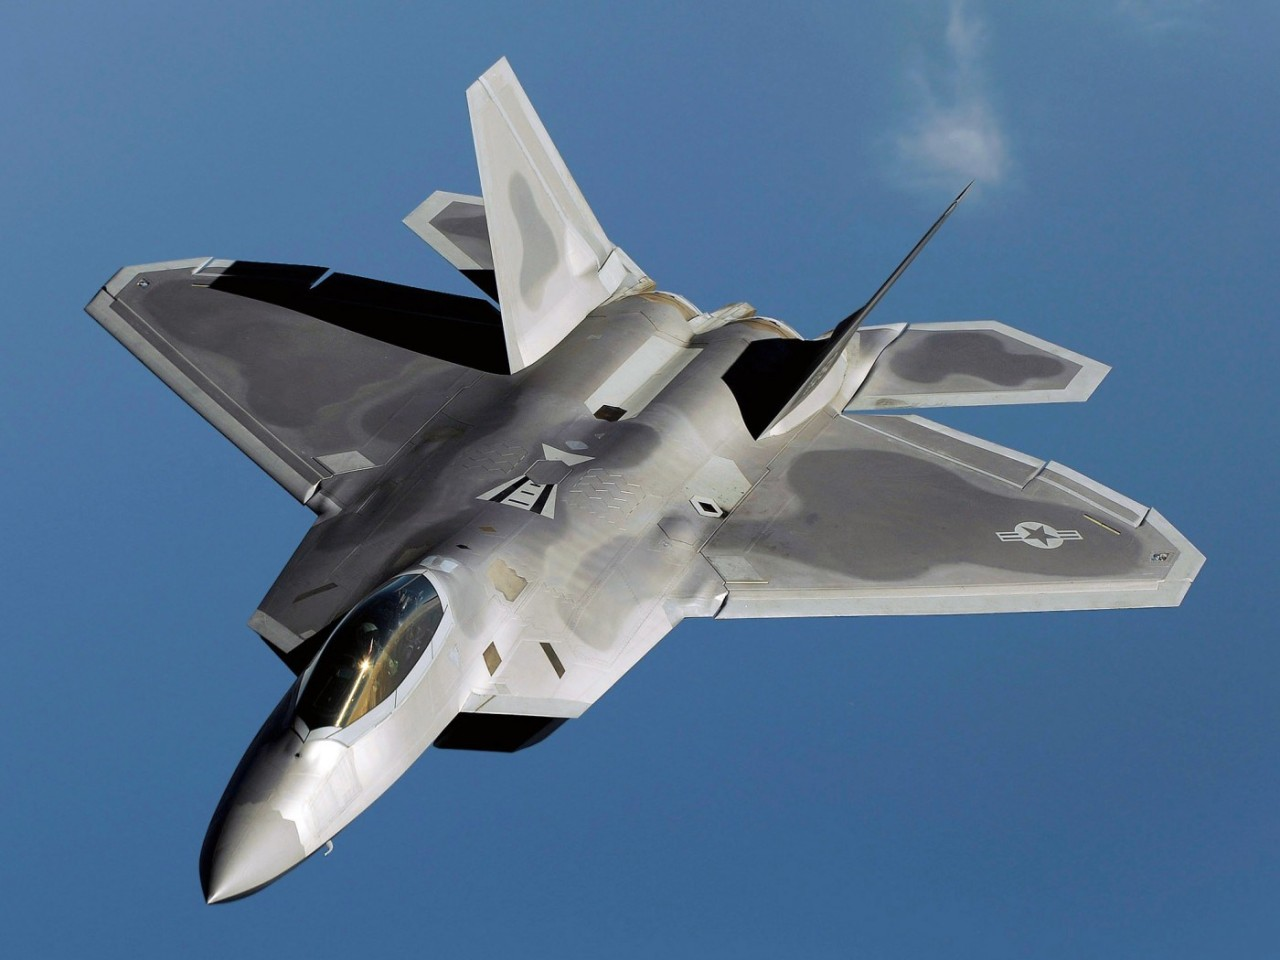 В Сирии Су-35 наказал «невидимку» ВВС США F-22 в ходе воздушной дуэли (ФОТО)